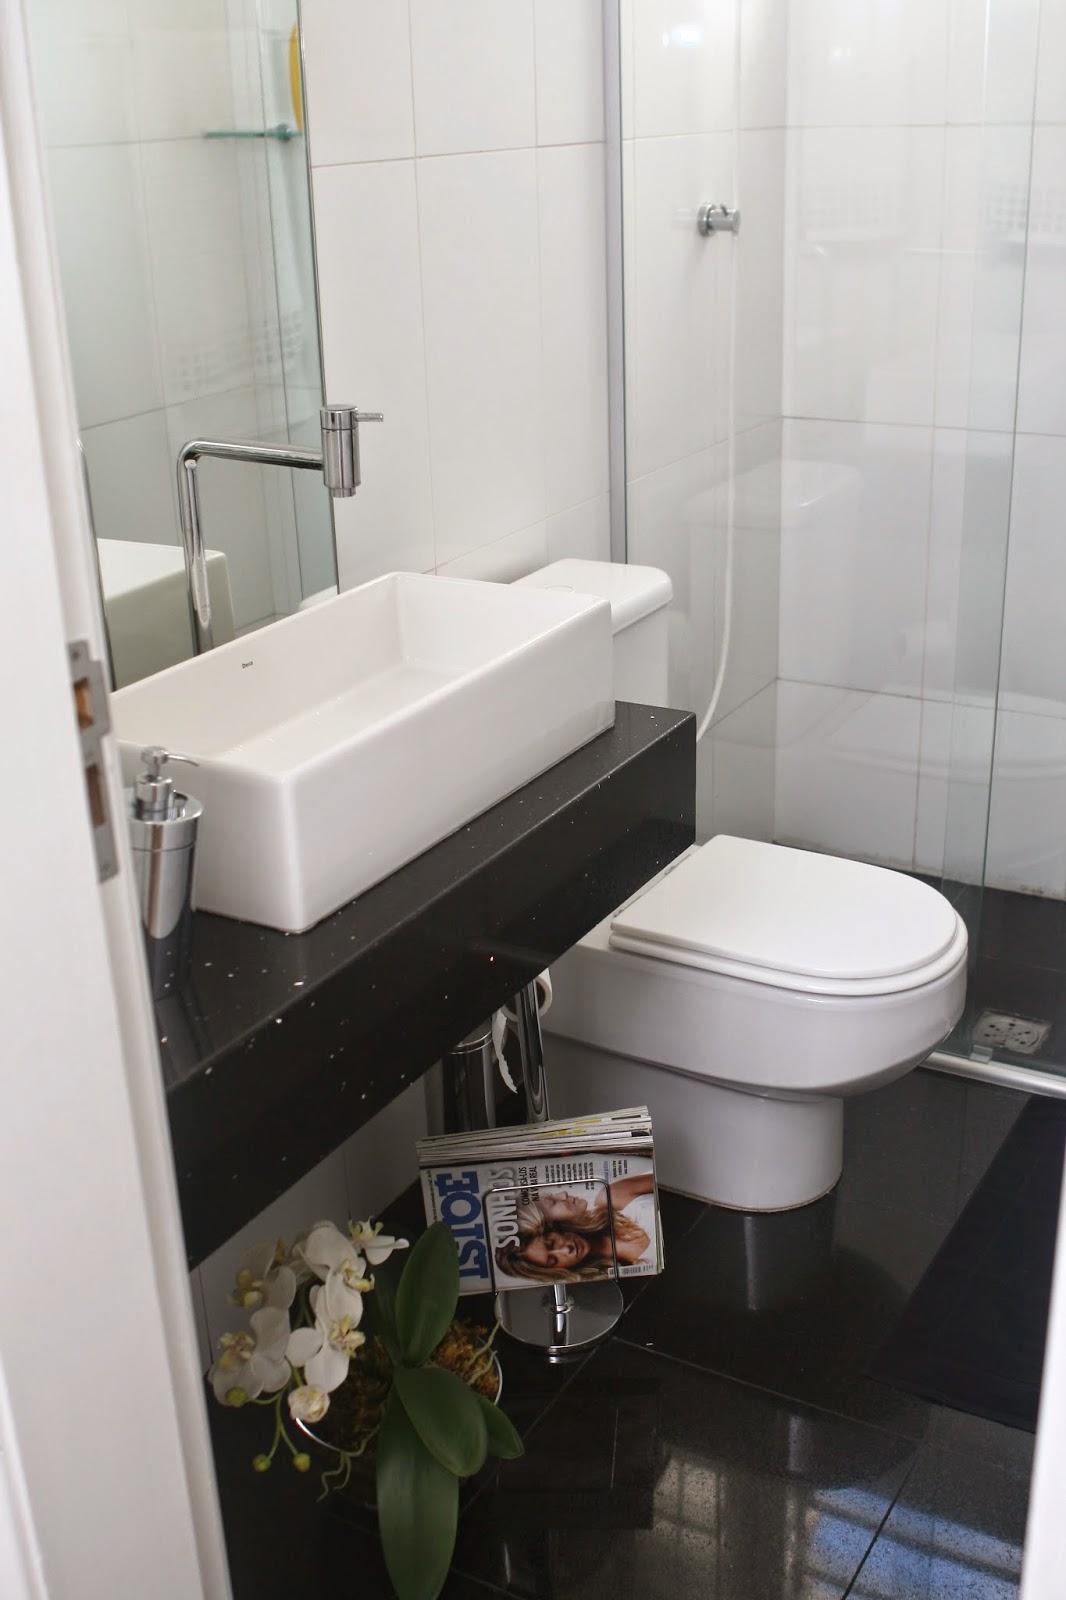 Construindo Minha Casa Clean Banheiros e Lavabos com Bancadas Pretas! Inspir # Cuba Para Banheiro De Semi Encaixe Branca Icasa